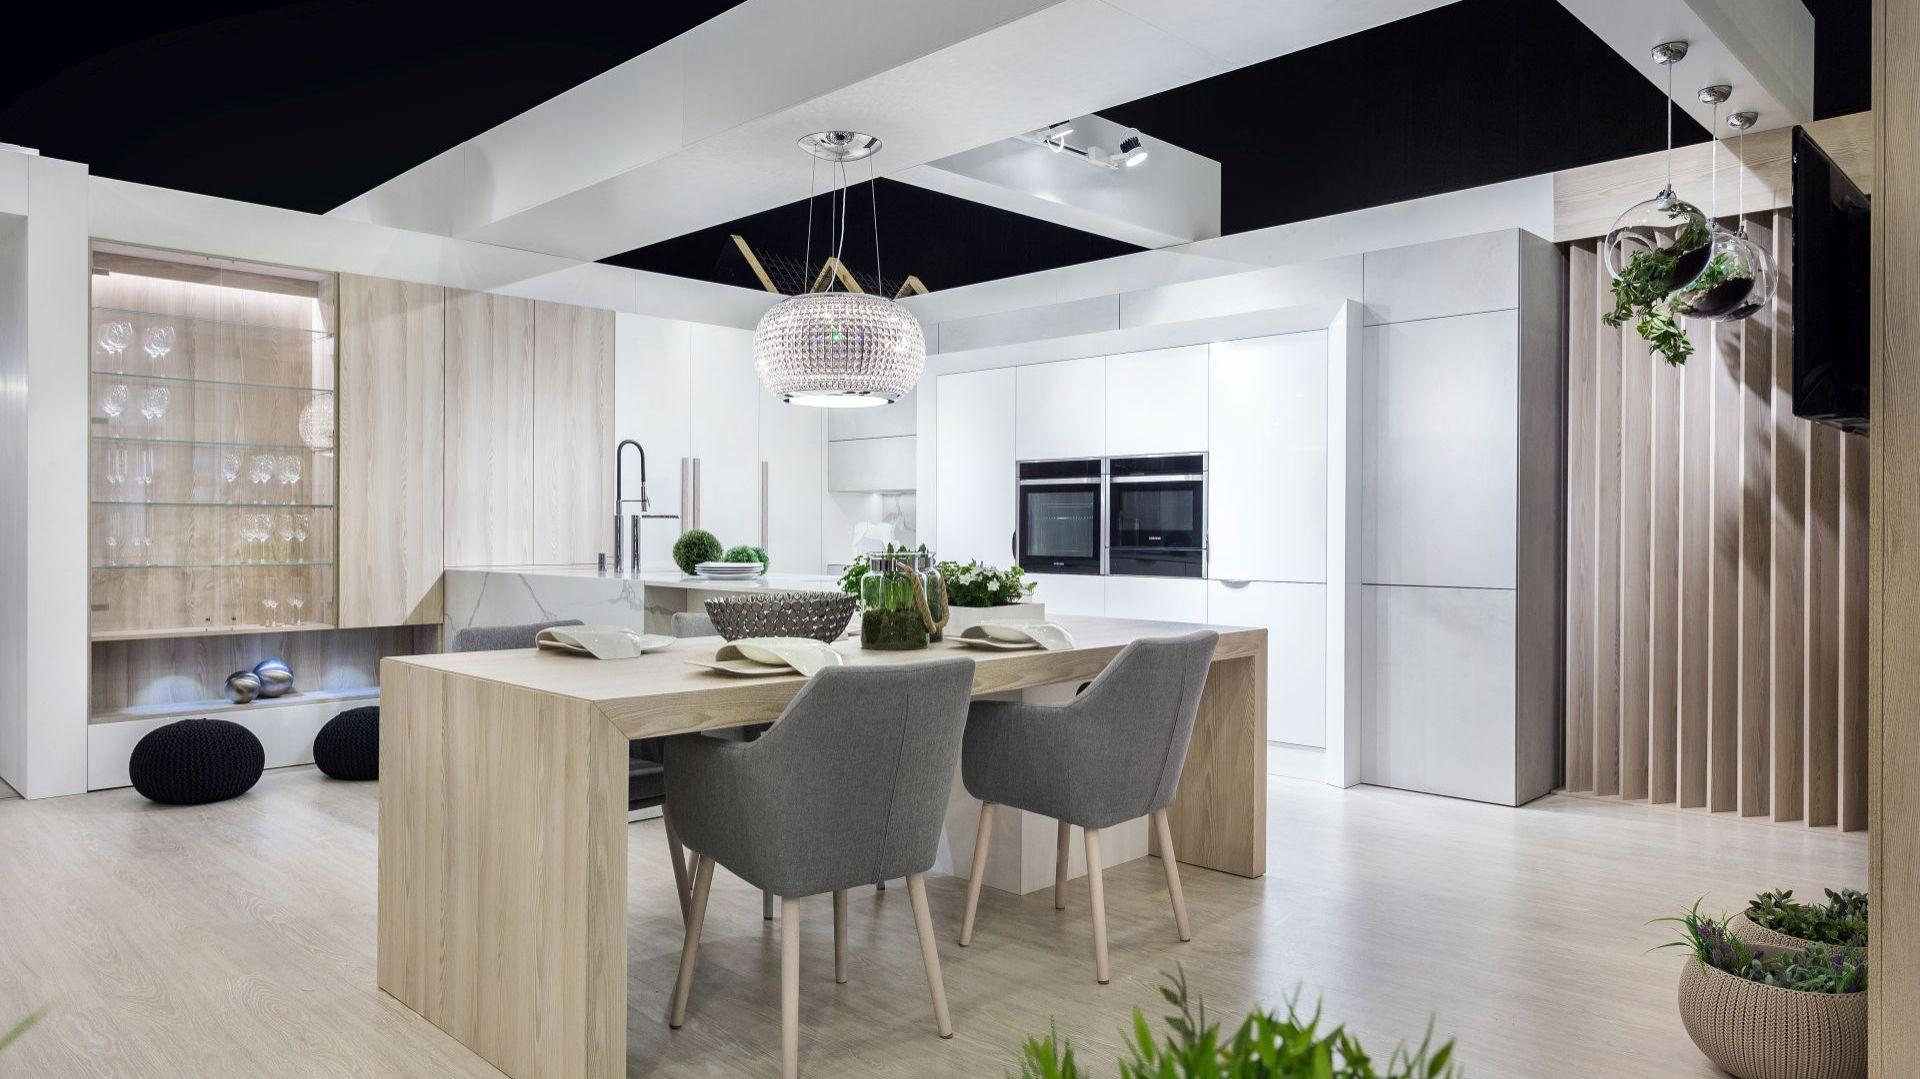 Kuchnia Ta Jest Minimalistyczna Wizja Przestrzeni W Stylu Nowoczesnym Z Naciskiem Na Aspekty Praktyczne Dlatego Blaty Wykonano Ze Spieku Home Decor Home Decor